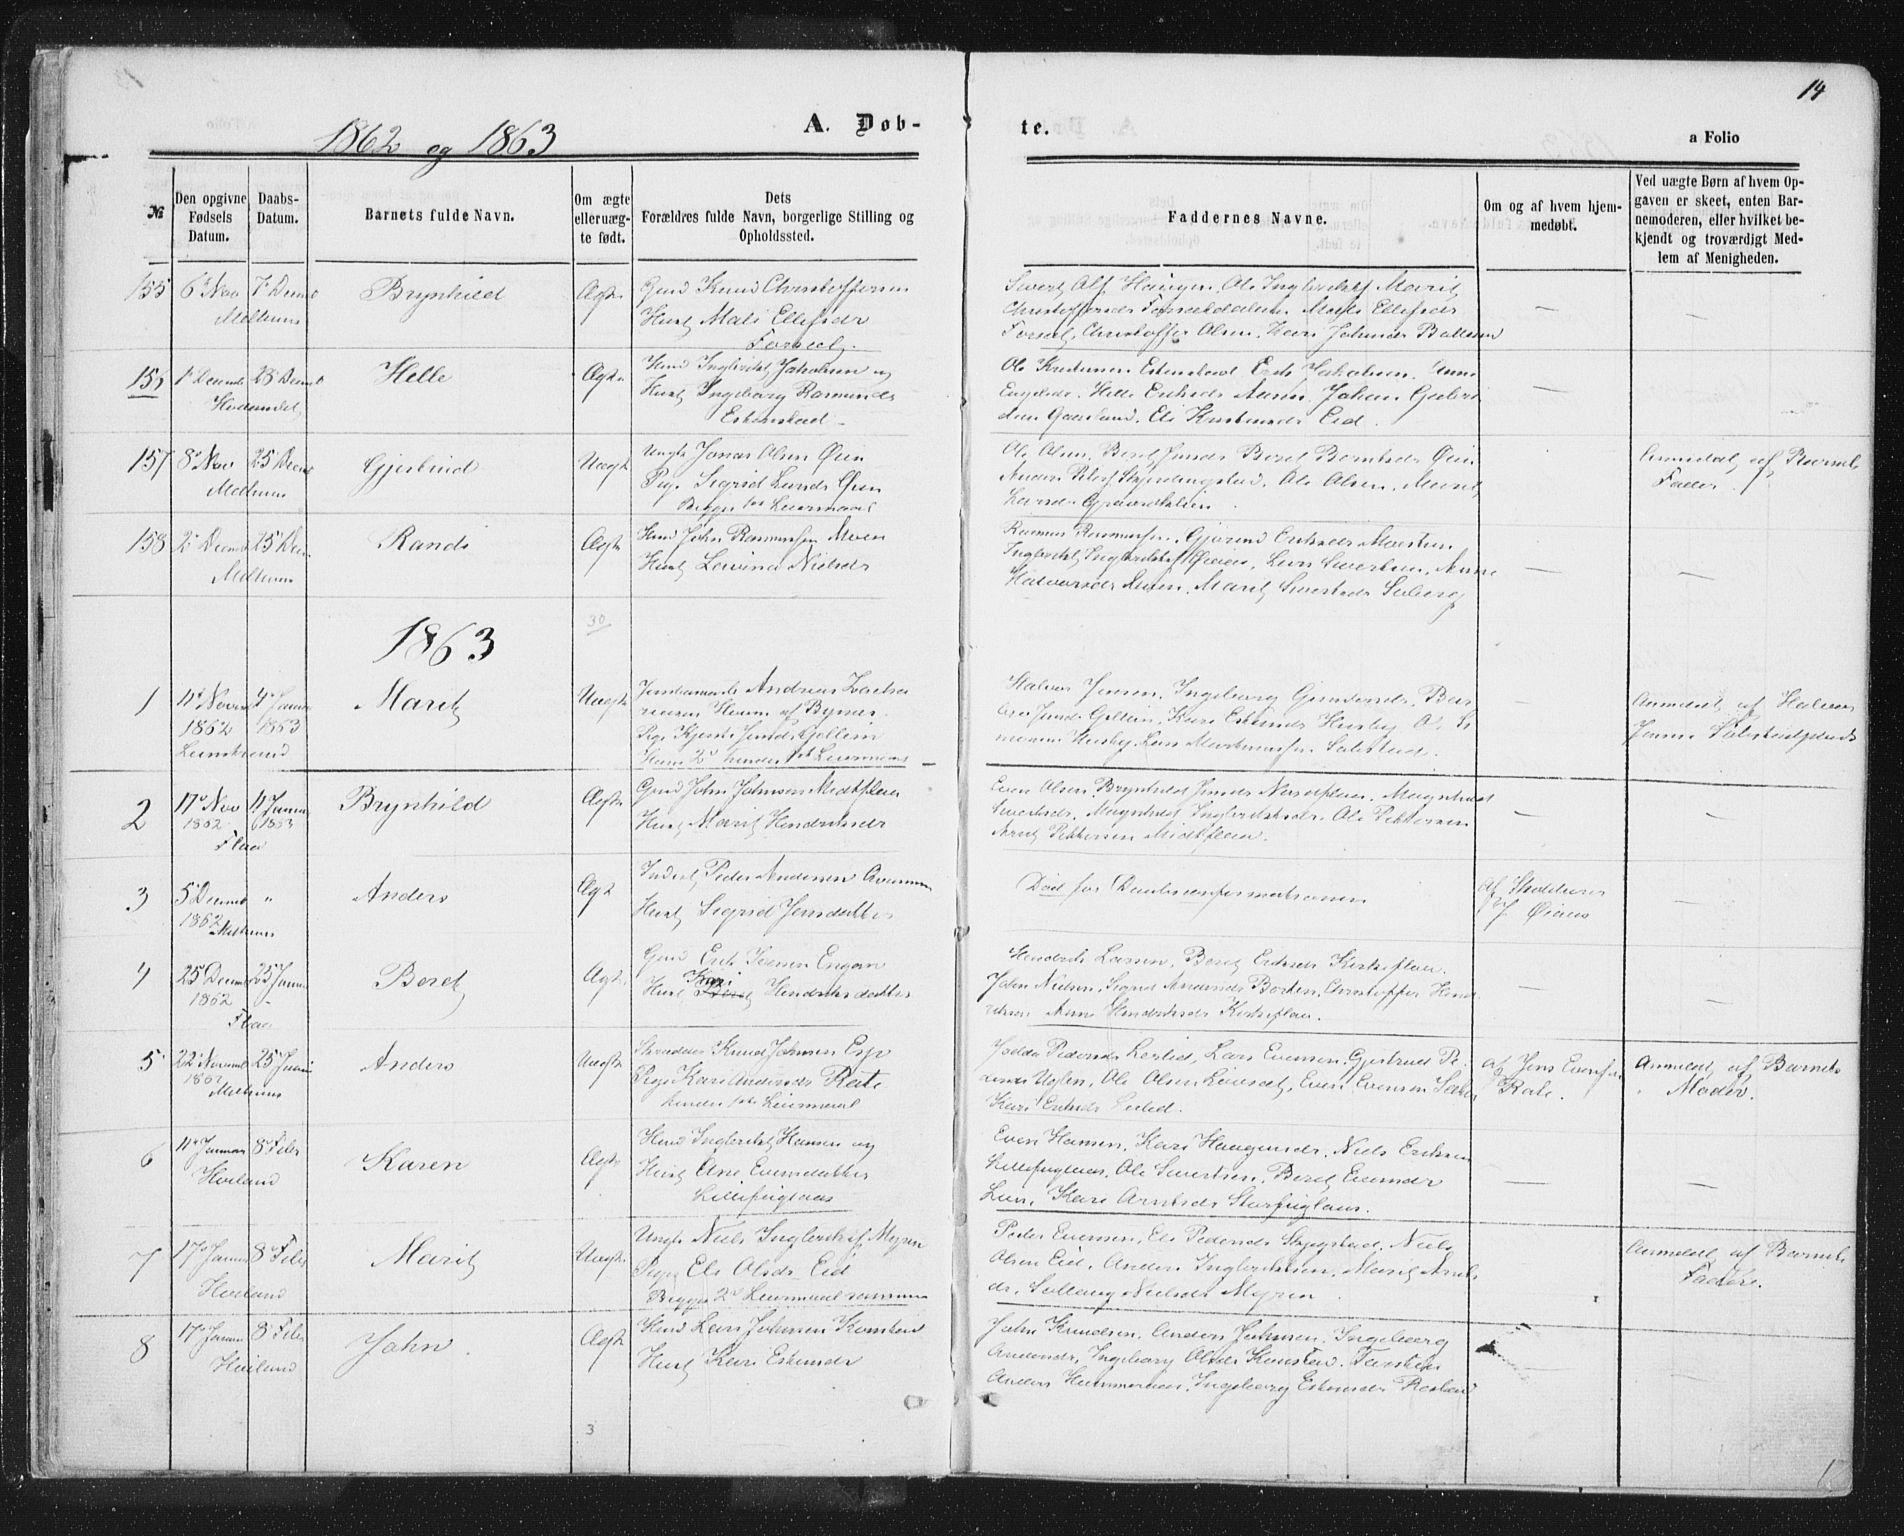 SAT, Ministerialprotokoller, klokkerbøker og fødselsregistre - Sør-Trøndelag, 691/L1077: Ministerialbok nr. 691A09, 1862-1873, s. 14